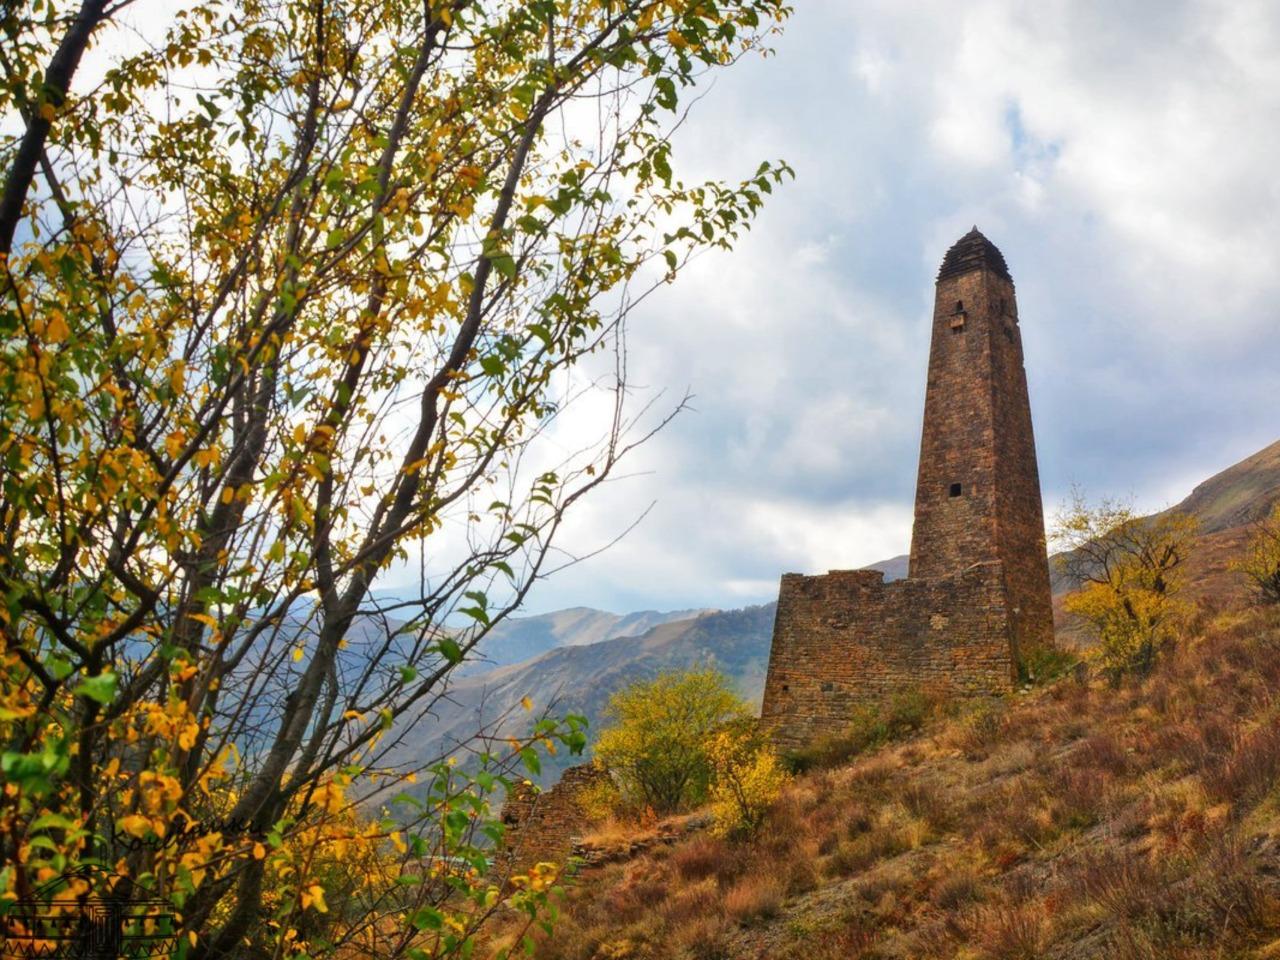 Башенный комплекс Никарой: 1800 м над уровнем моря - индивидуальная экскурсия в Грозном от опытного гида